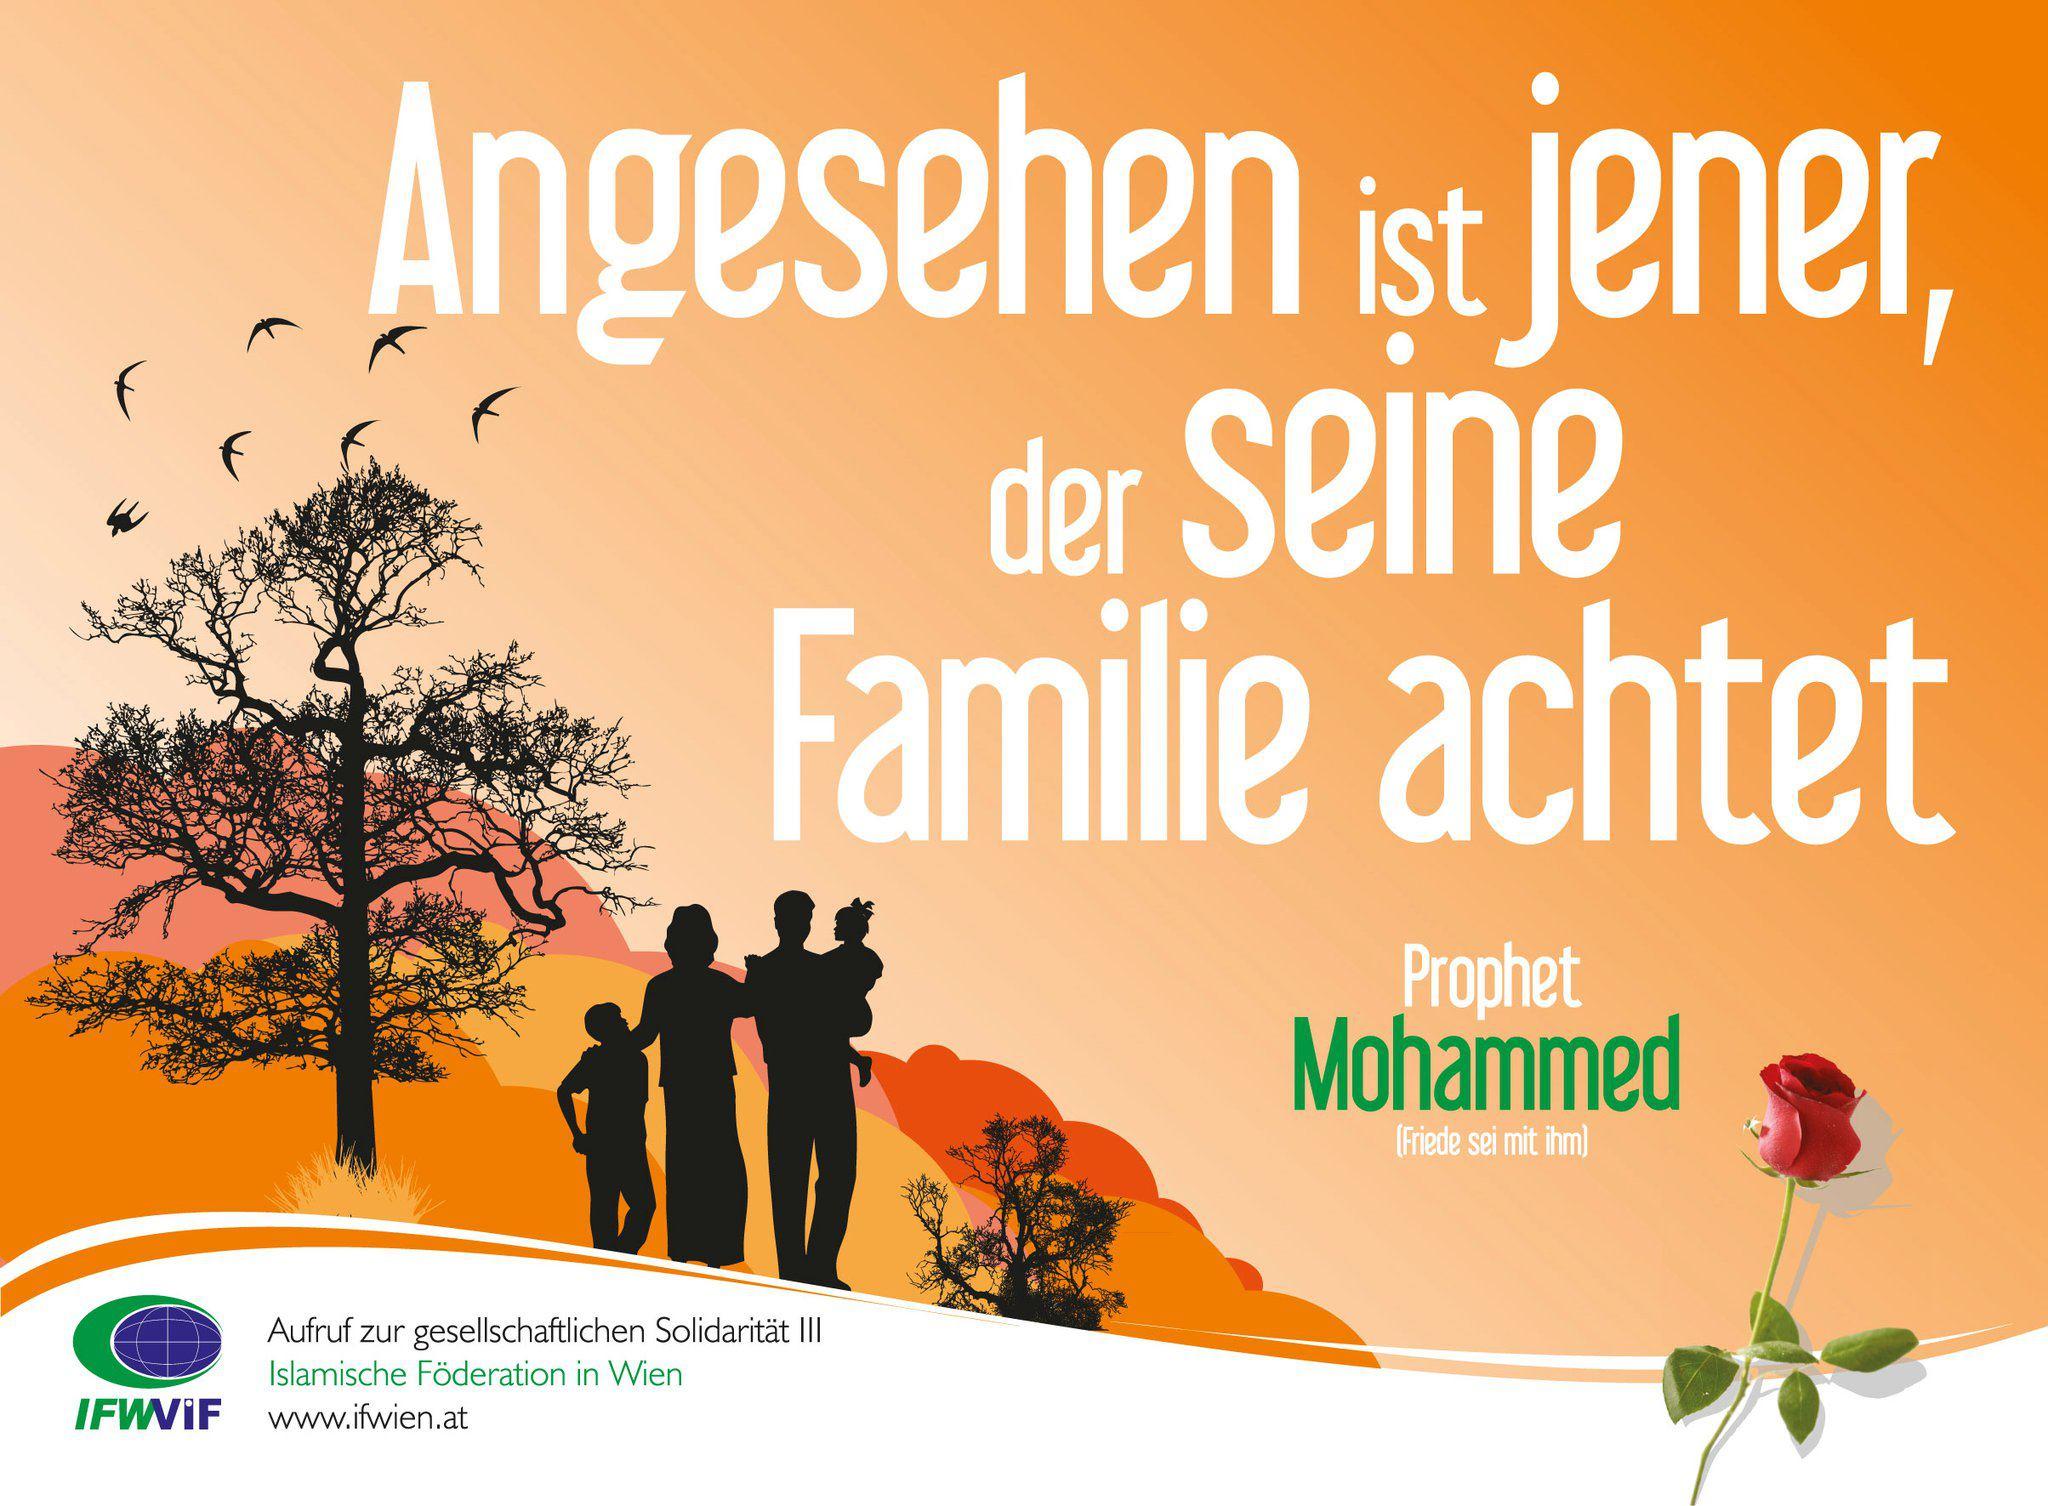 """""""Angesehen ist jener, der seine Familie achtet."""" Prophet Mohammed (Friede sei mit ihm)"""